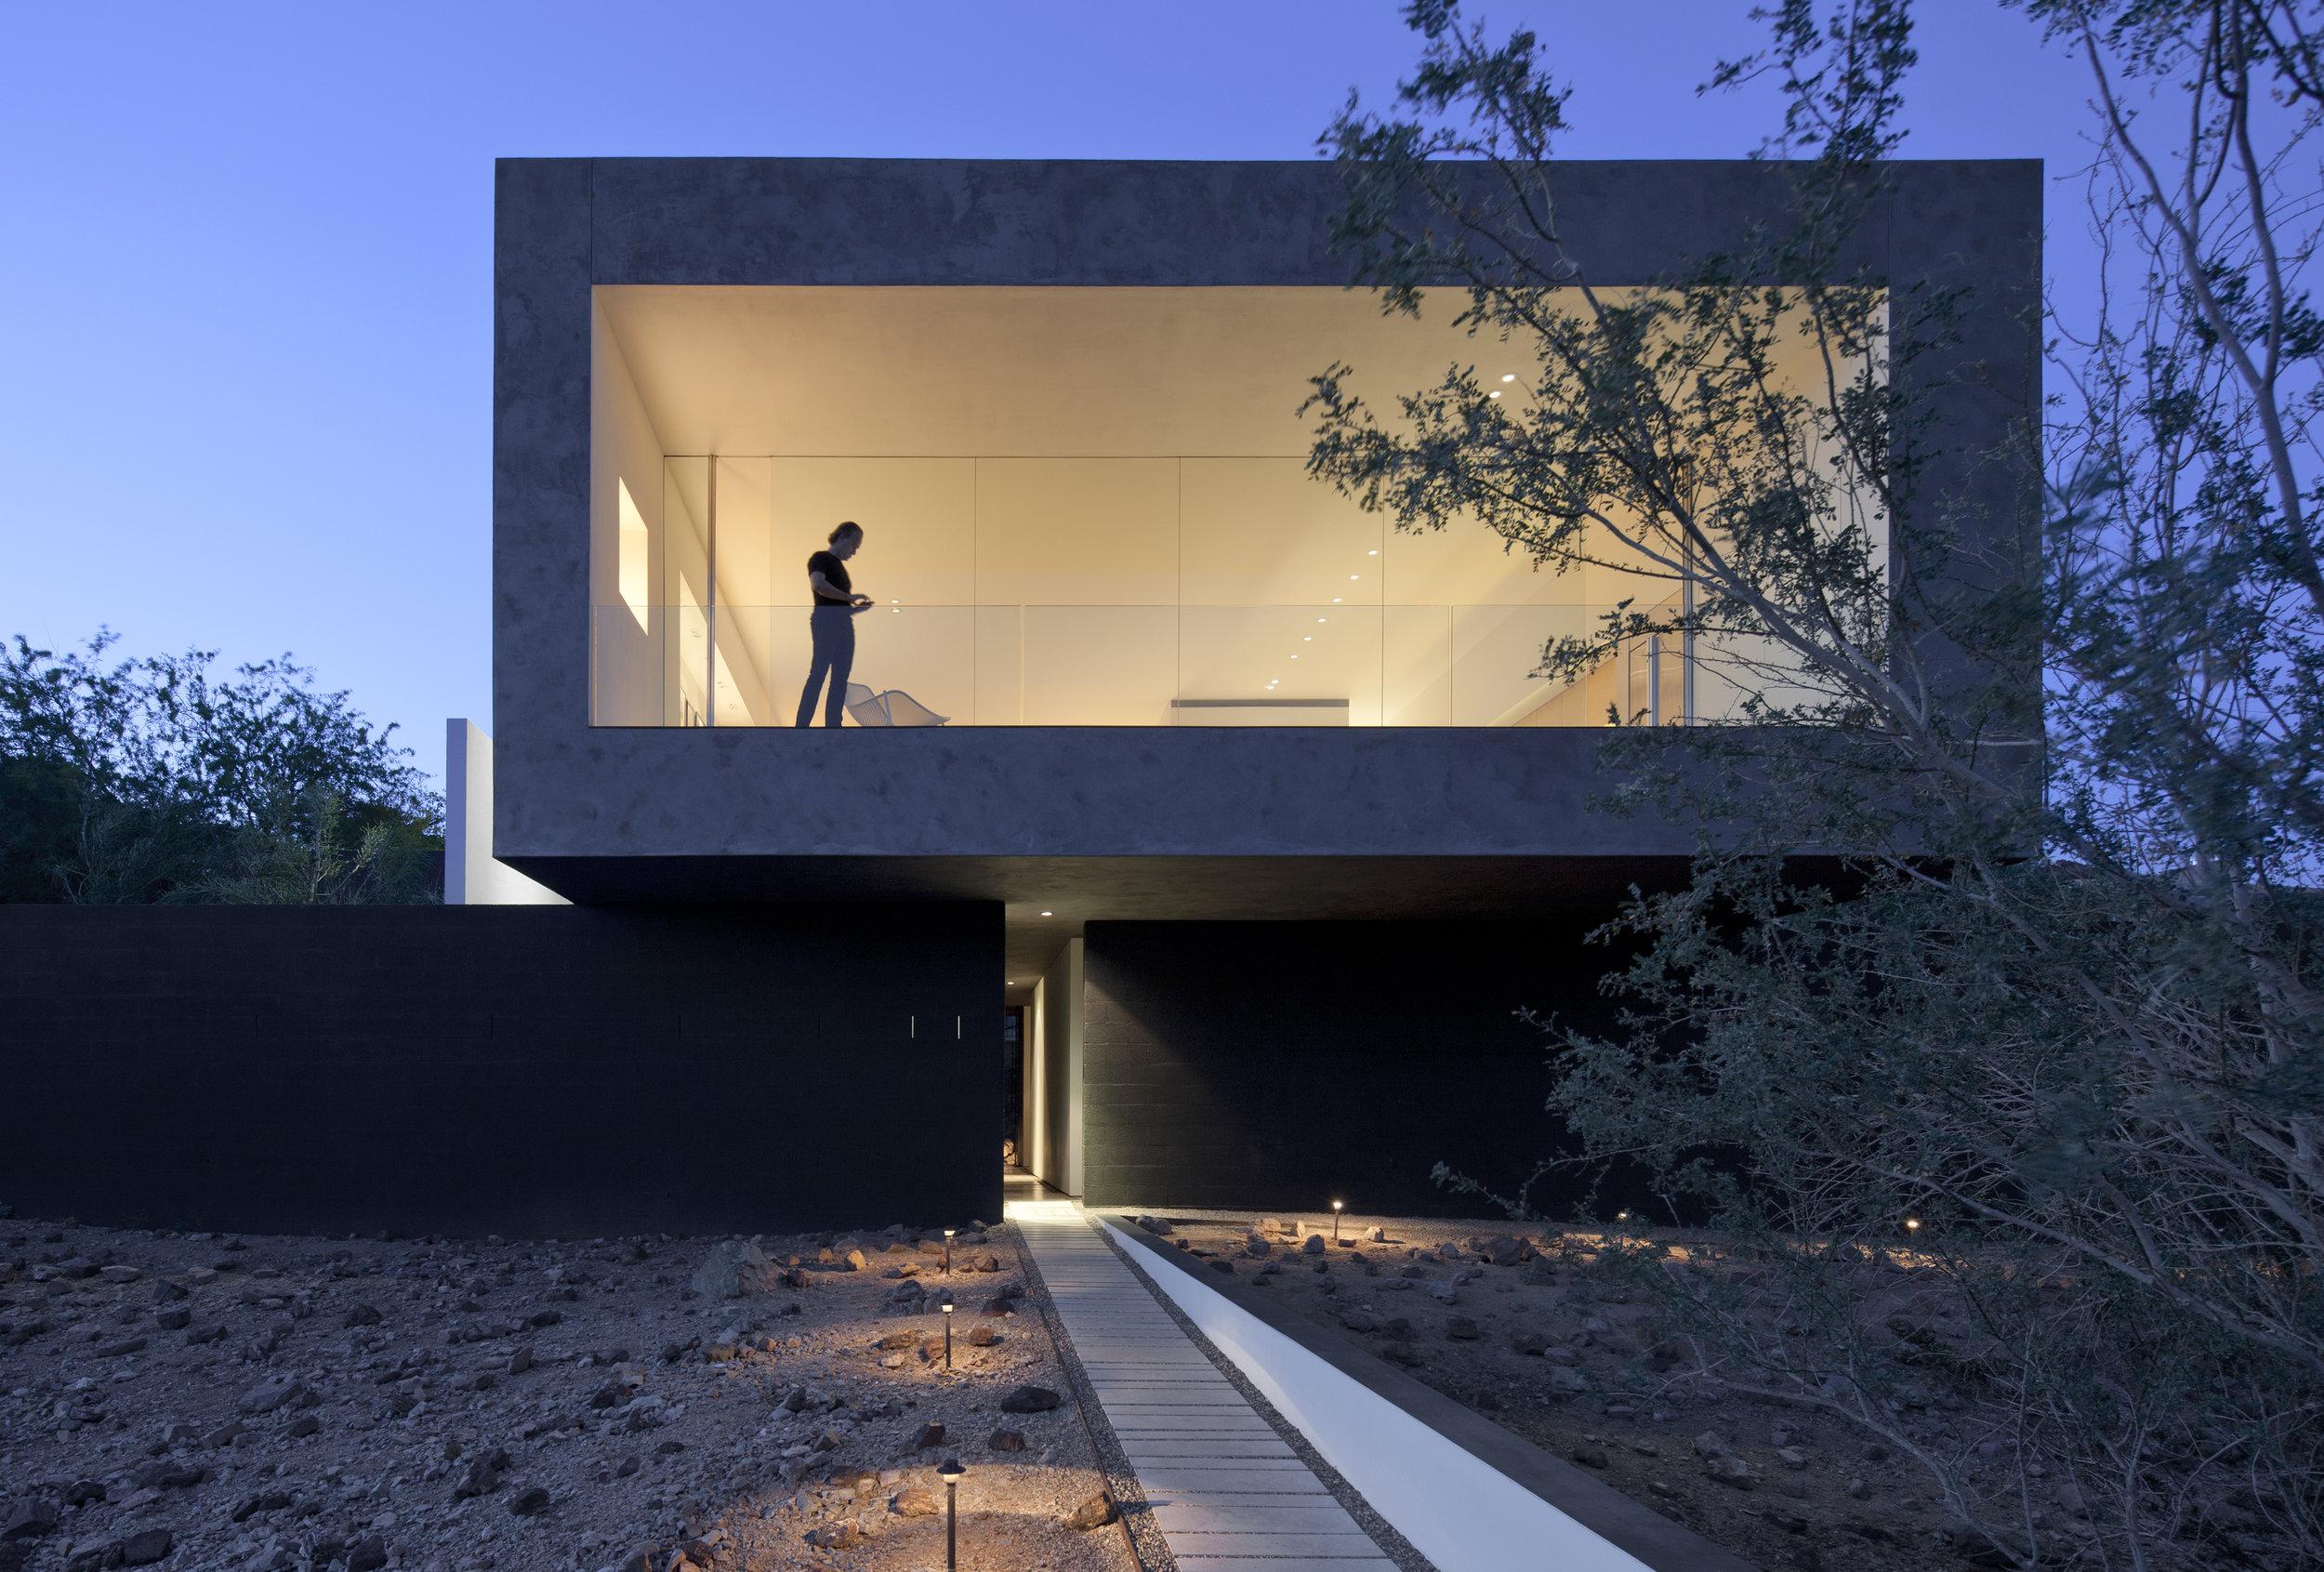 DIALOGUE HOUSE